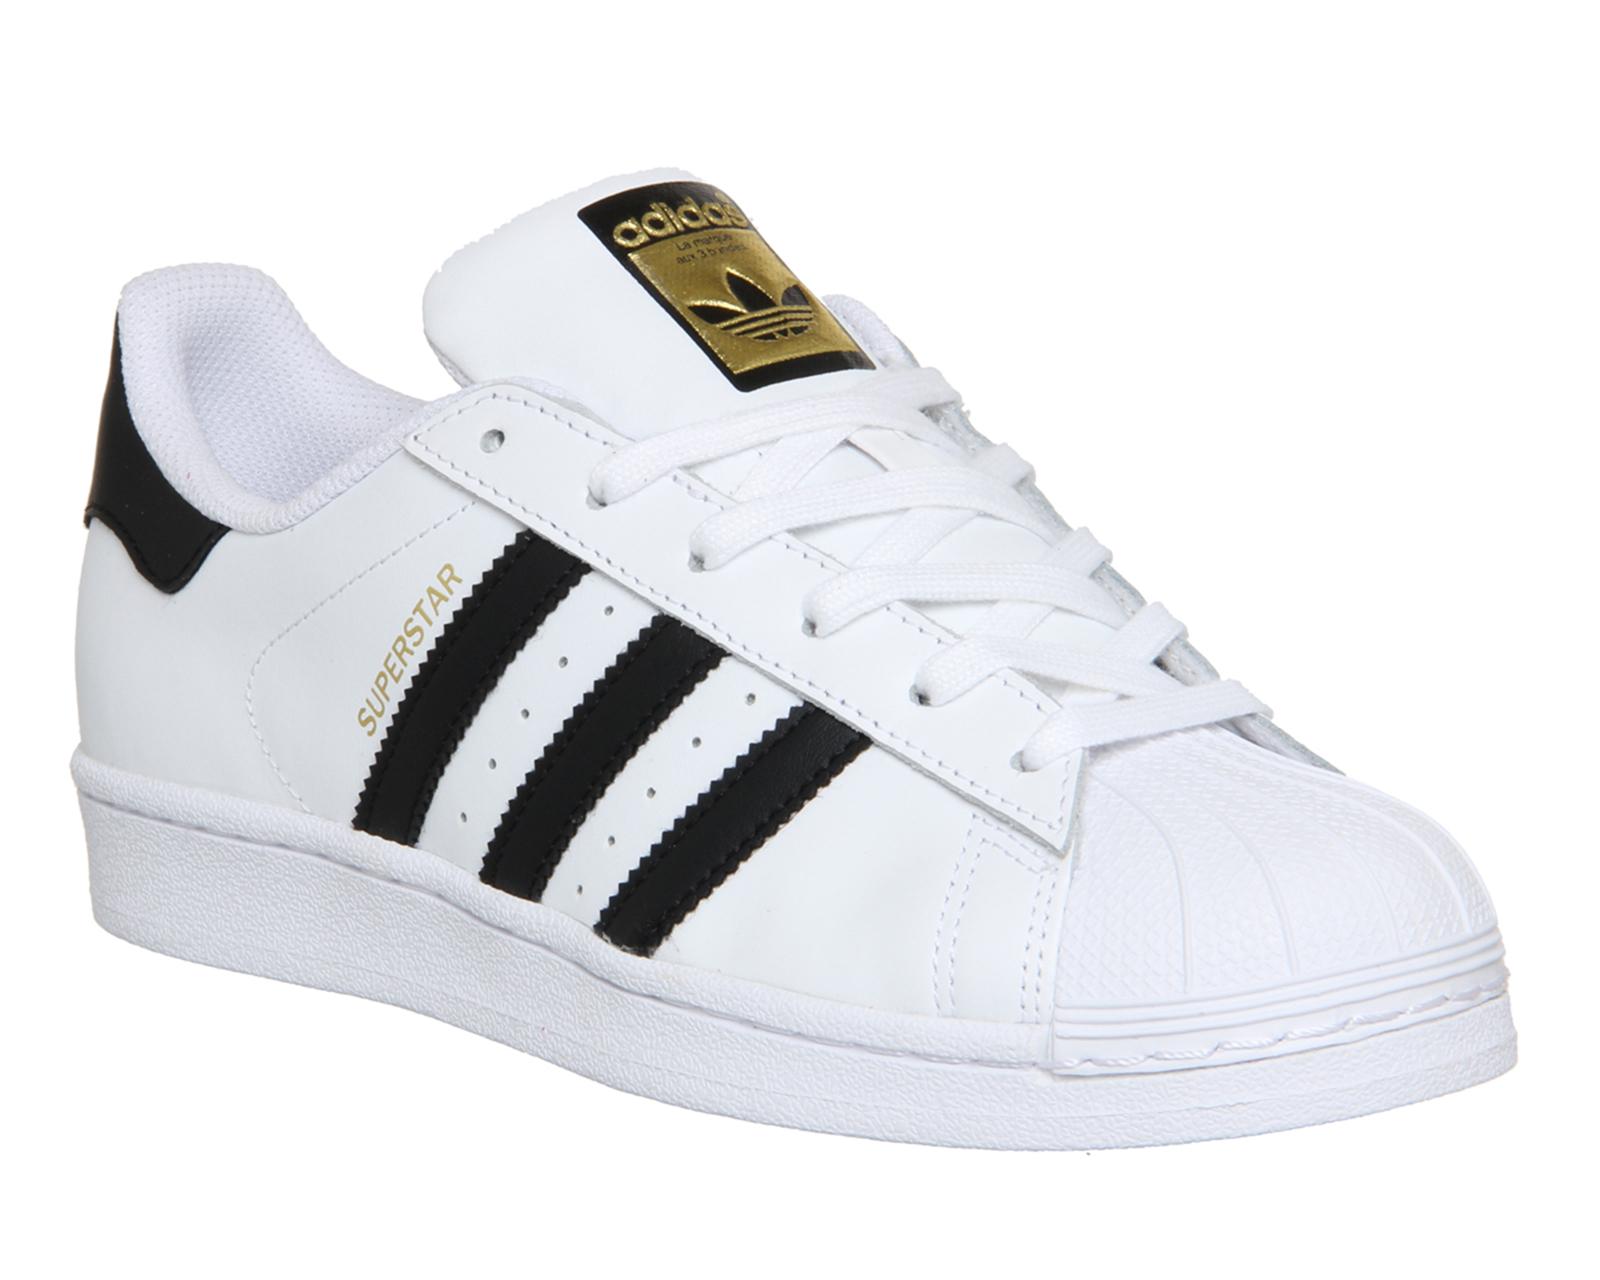 Rare Adidas Superstar Shoes